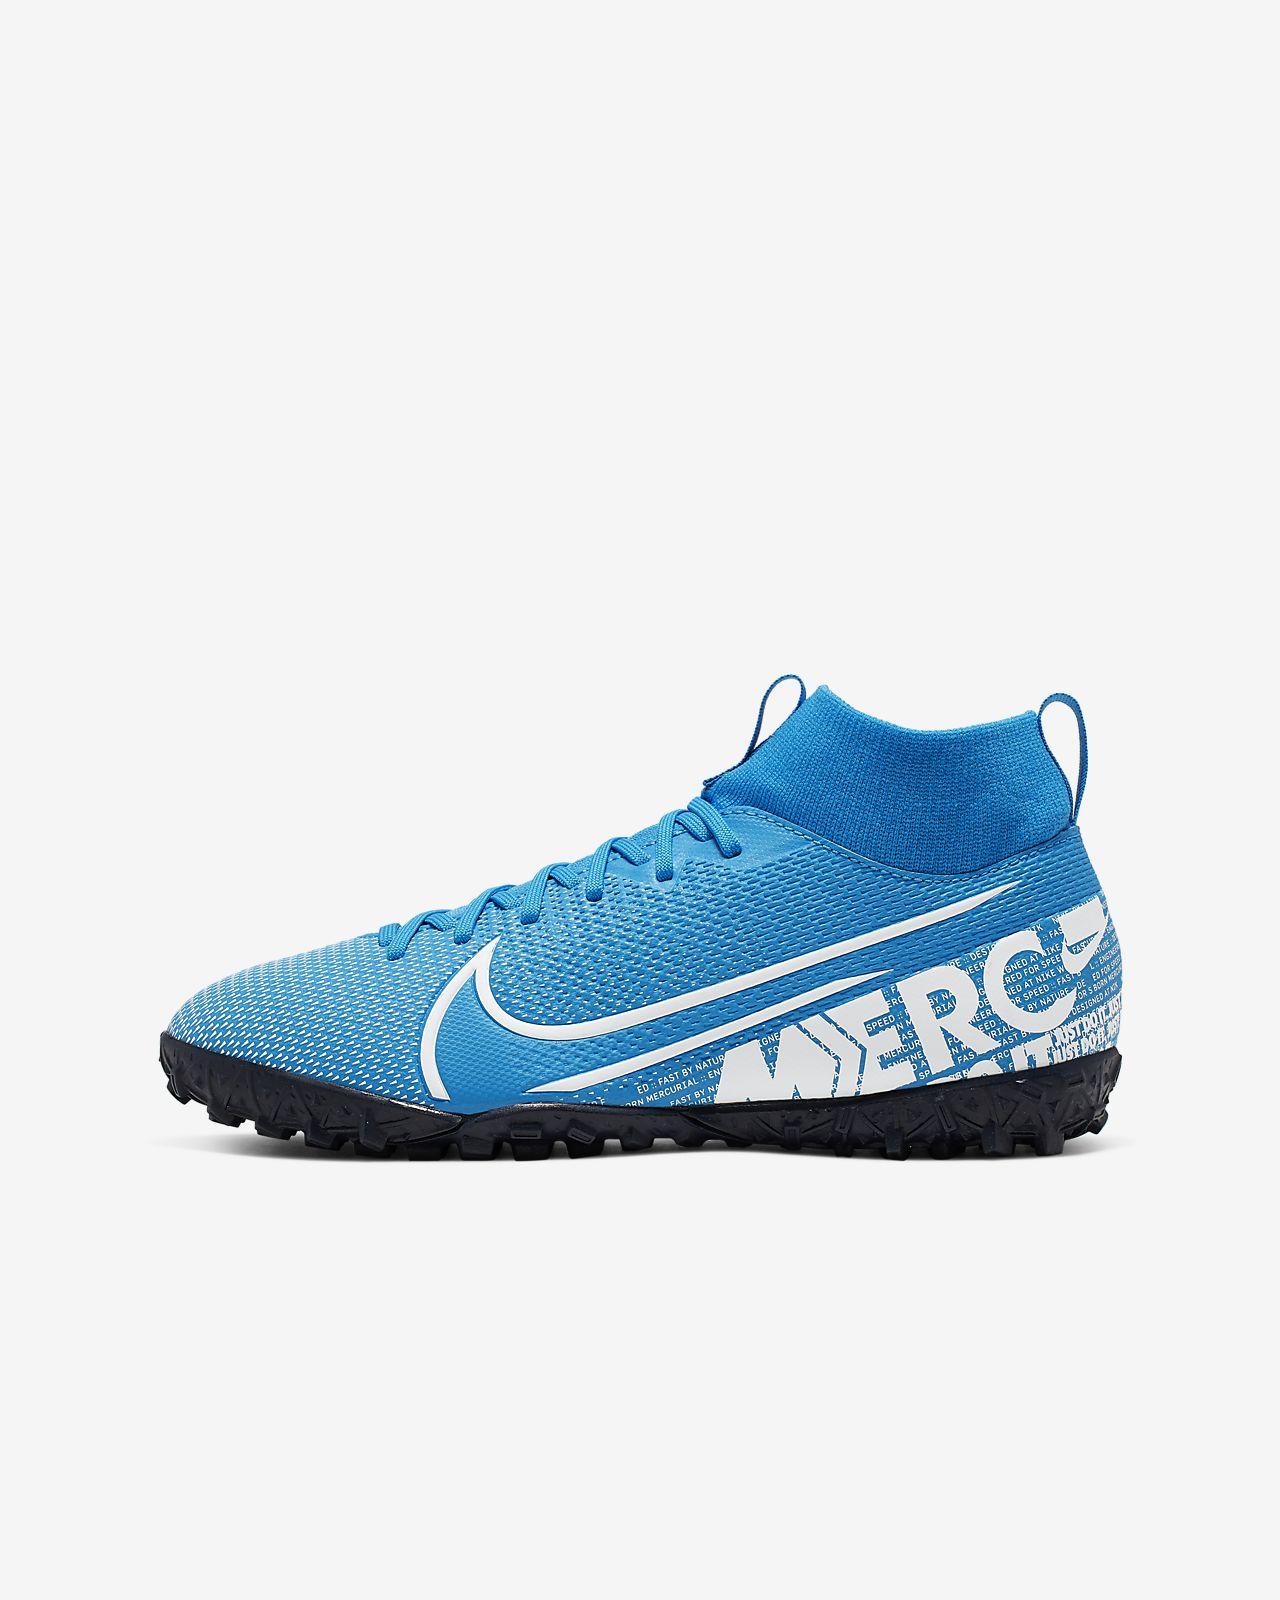 Calzado de fútbol para césped deportivo artificial (turf) para niños talla pequeña/grande Nike Jr. Mercurial Superfly 7 Academy TF